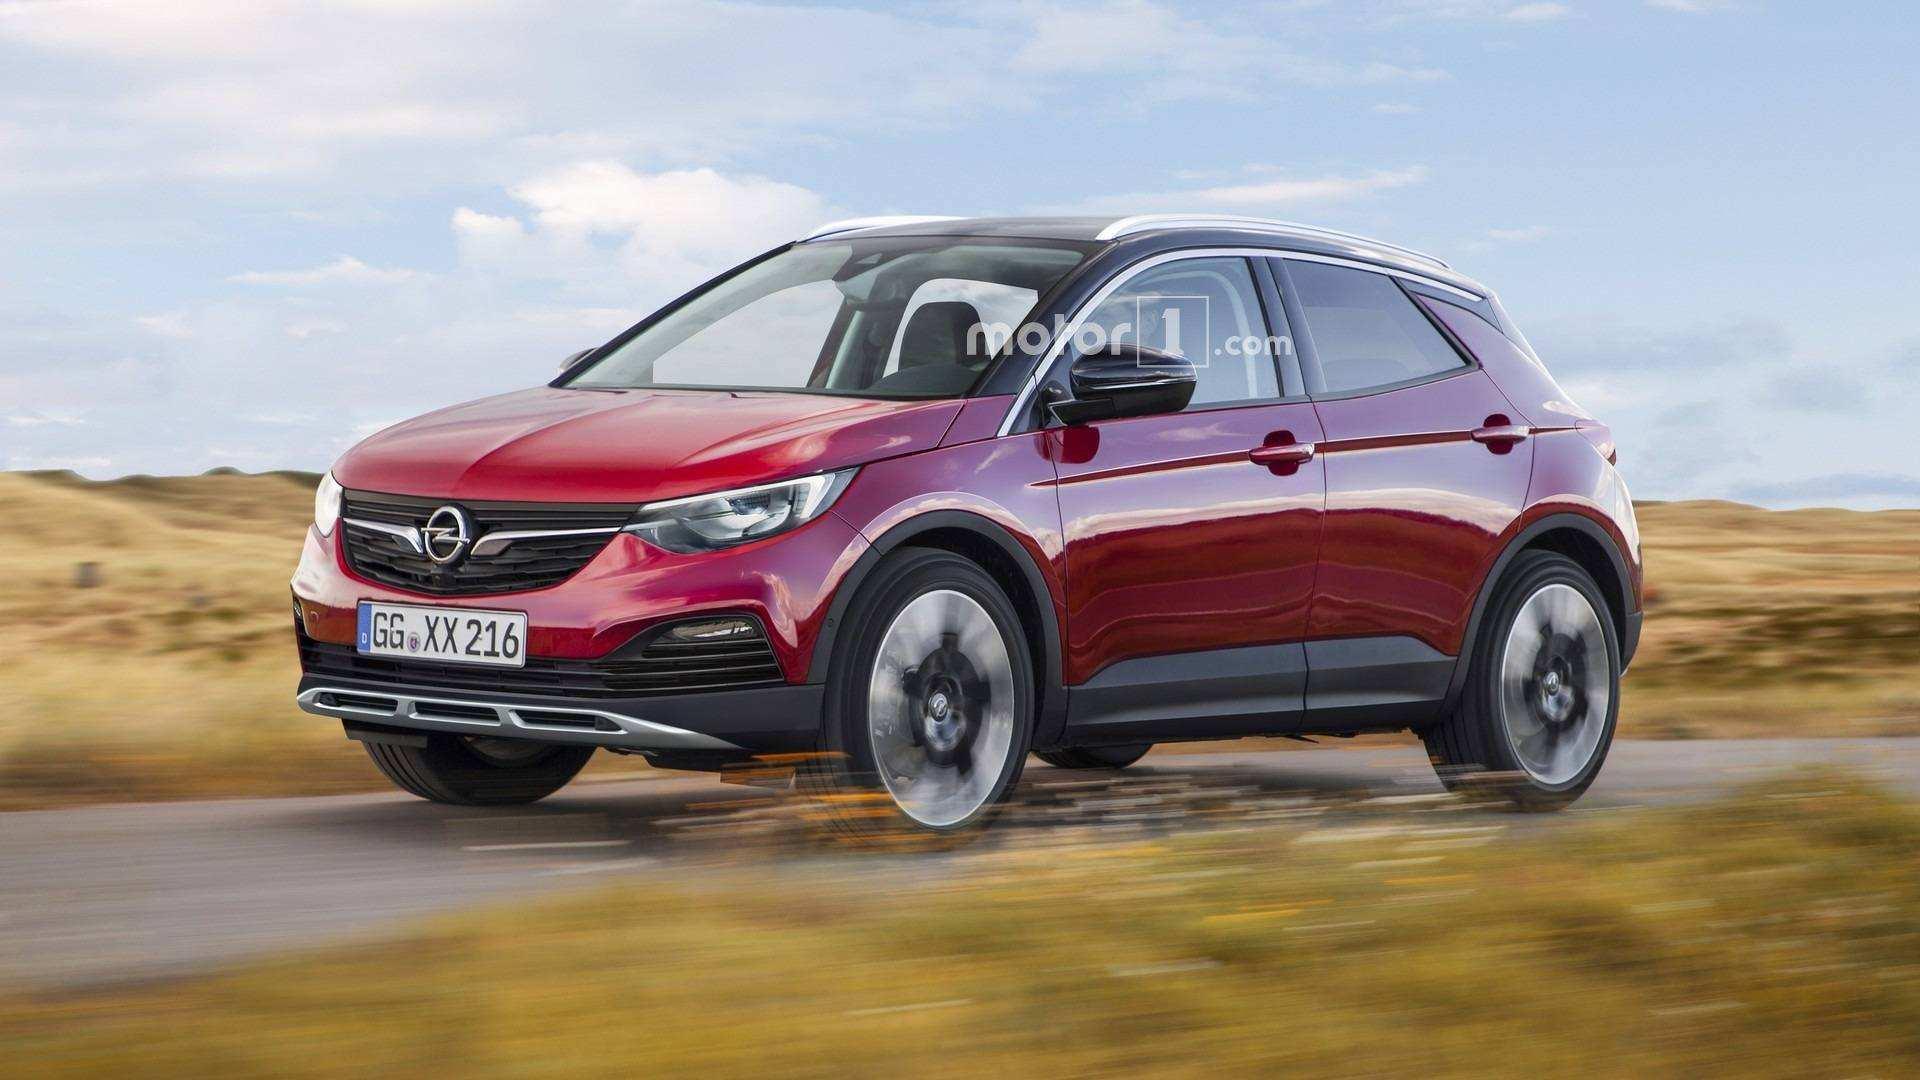 68 Great Opel Adam 2020 Specs by Opel Adam 2020